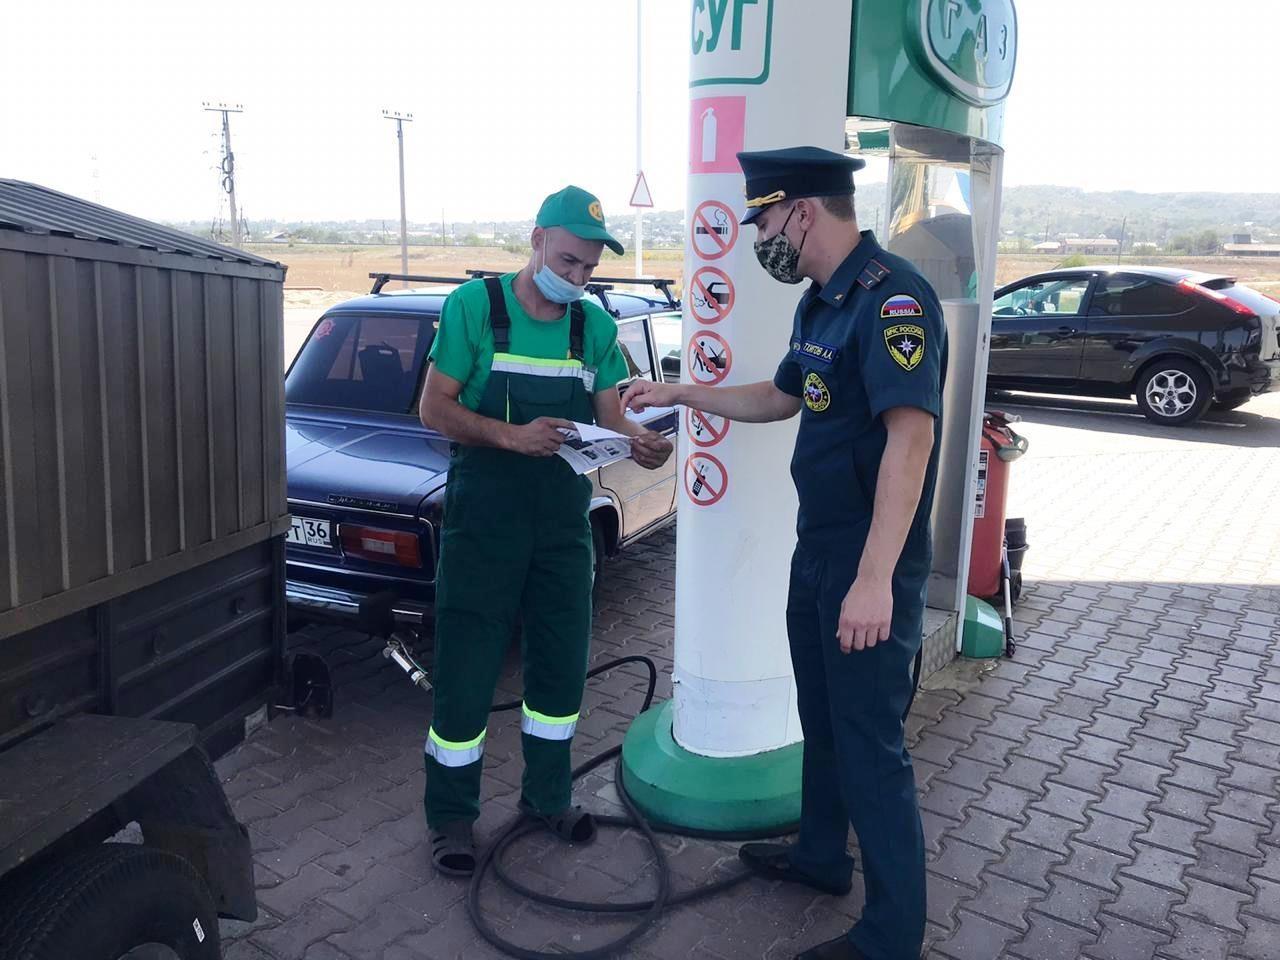 Инспекторы МЧС будут регулярно проверять автозаправочную станцию по всем нормам пожарной безопасности.